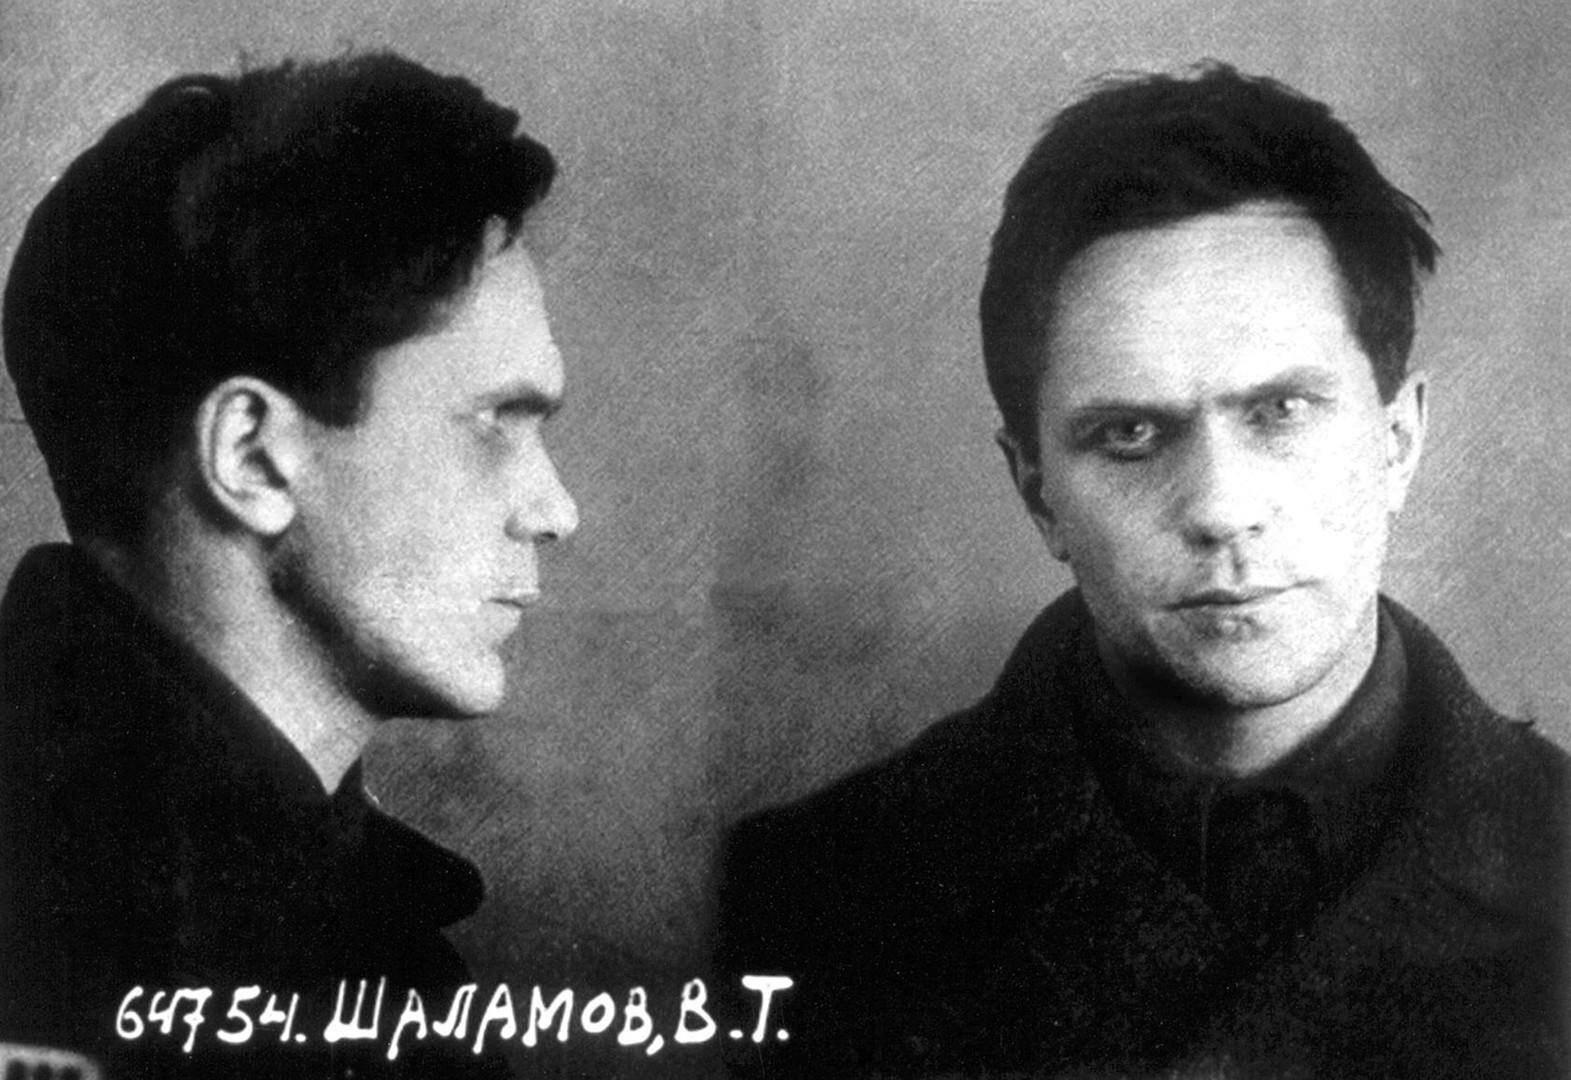 Osebna mapa Varlama Šalamova po aretaciji 1937.